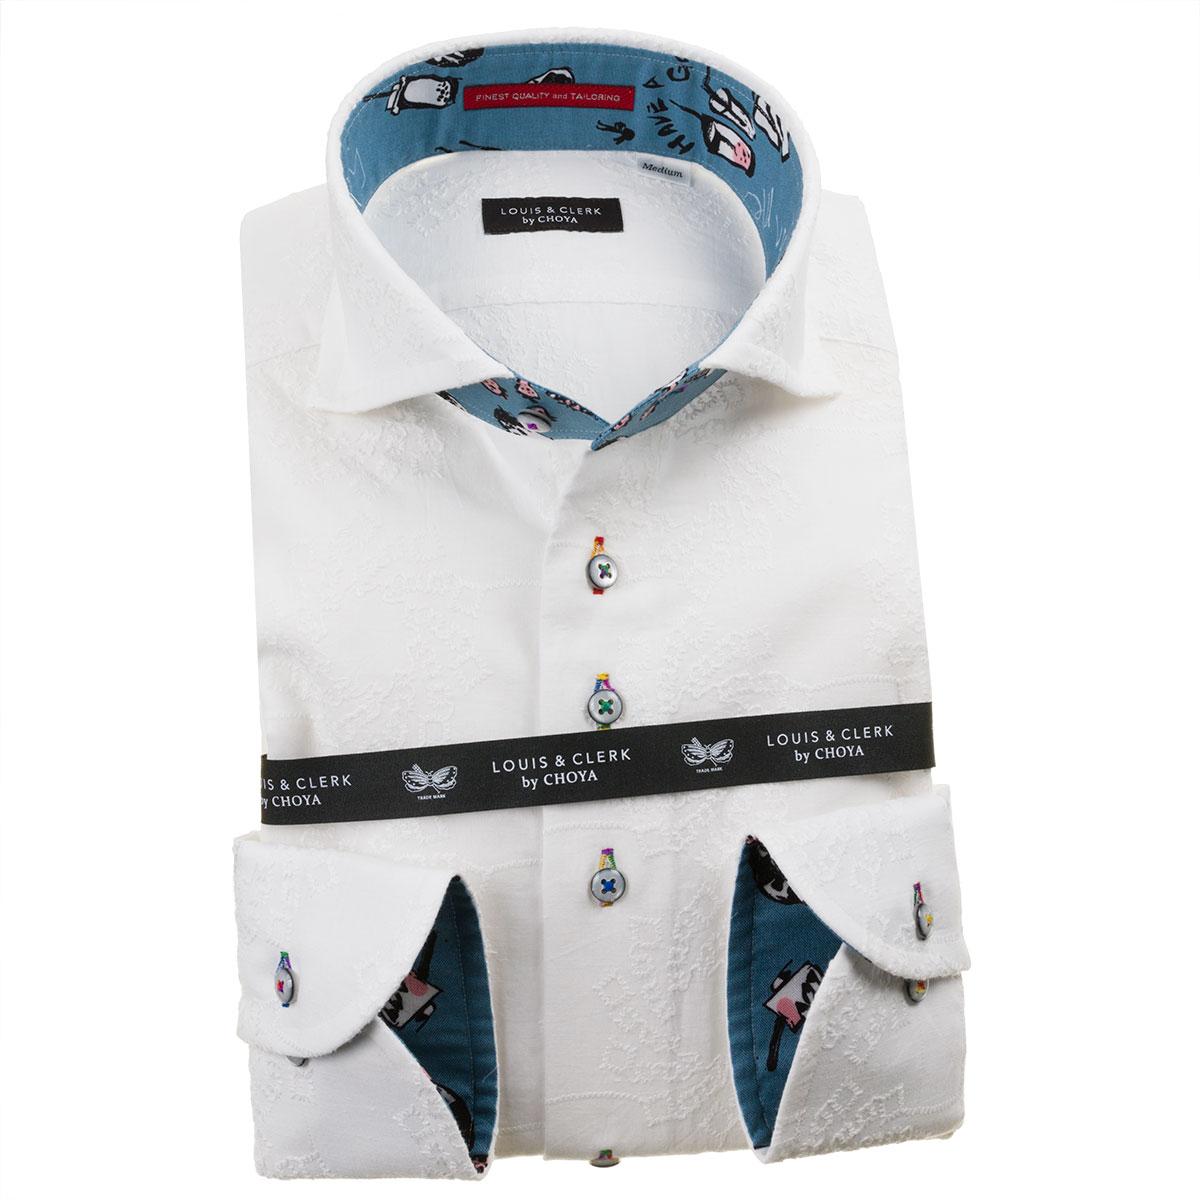 ドレスシャツ ワイシャツ シャツ メンズ 国産 長袖 綿100% コンフォート カッタウェイワイド ホワイト 刺繍生地 花 太陽 渦 1912